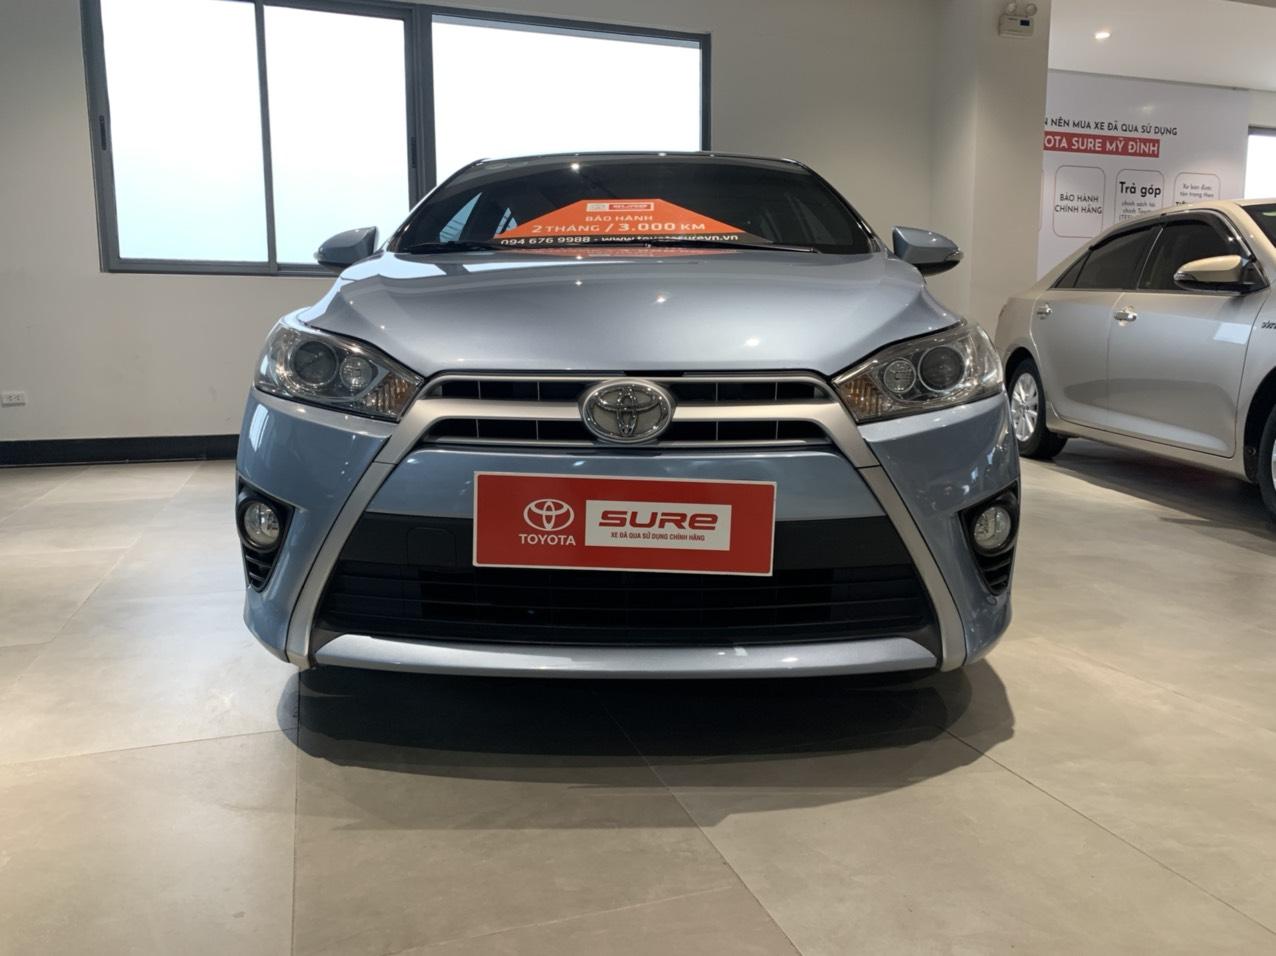 Toyota Yaris 1.3G 2015 màu xanh nhập khẩu